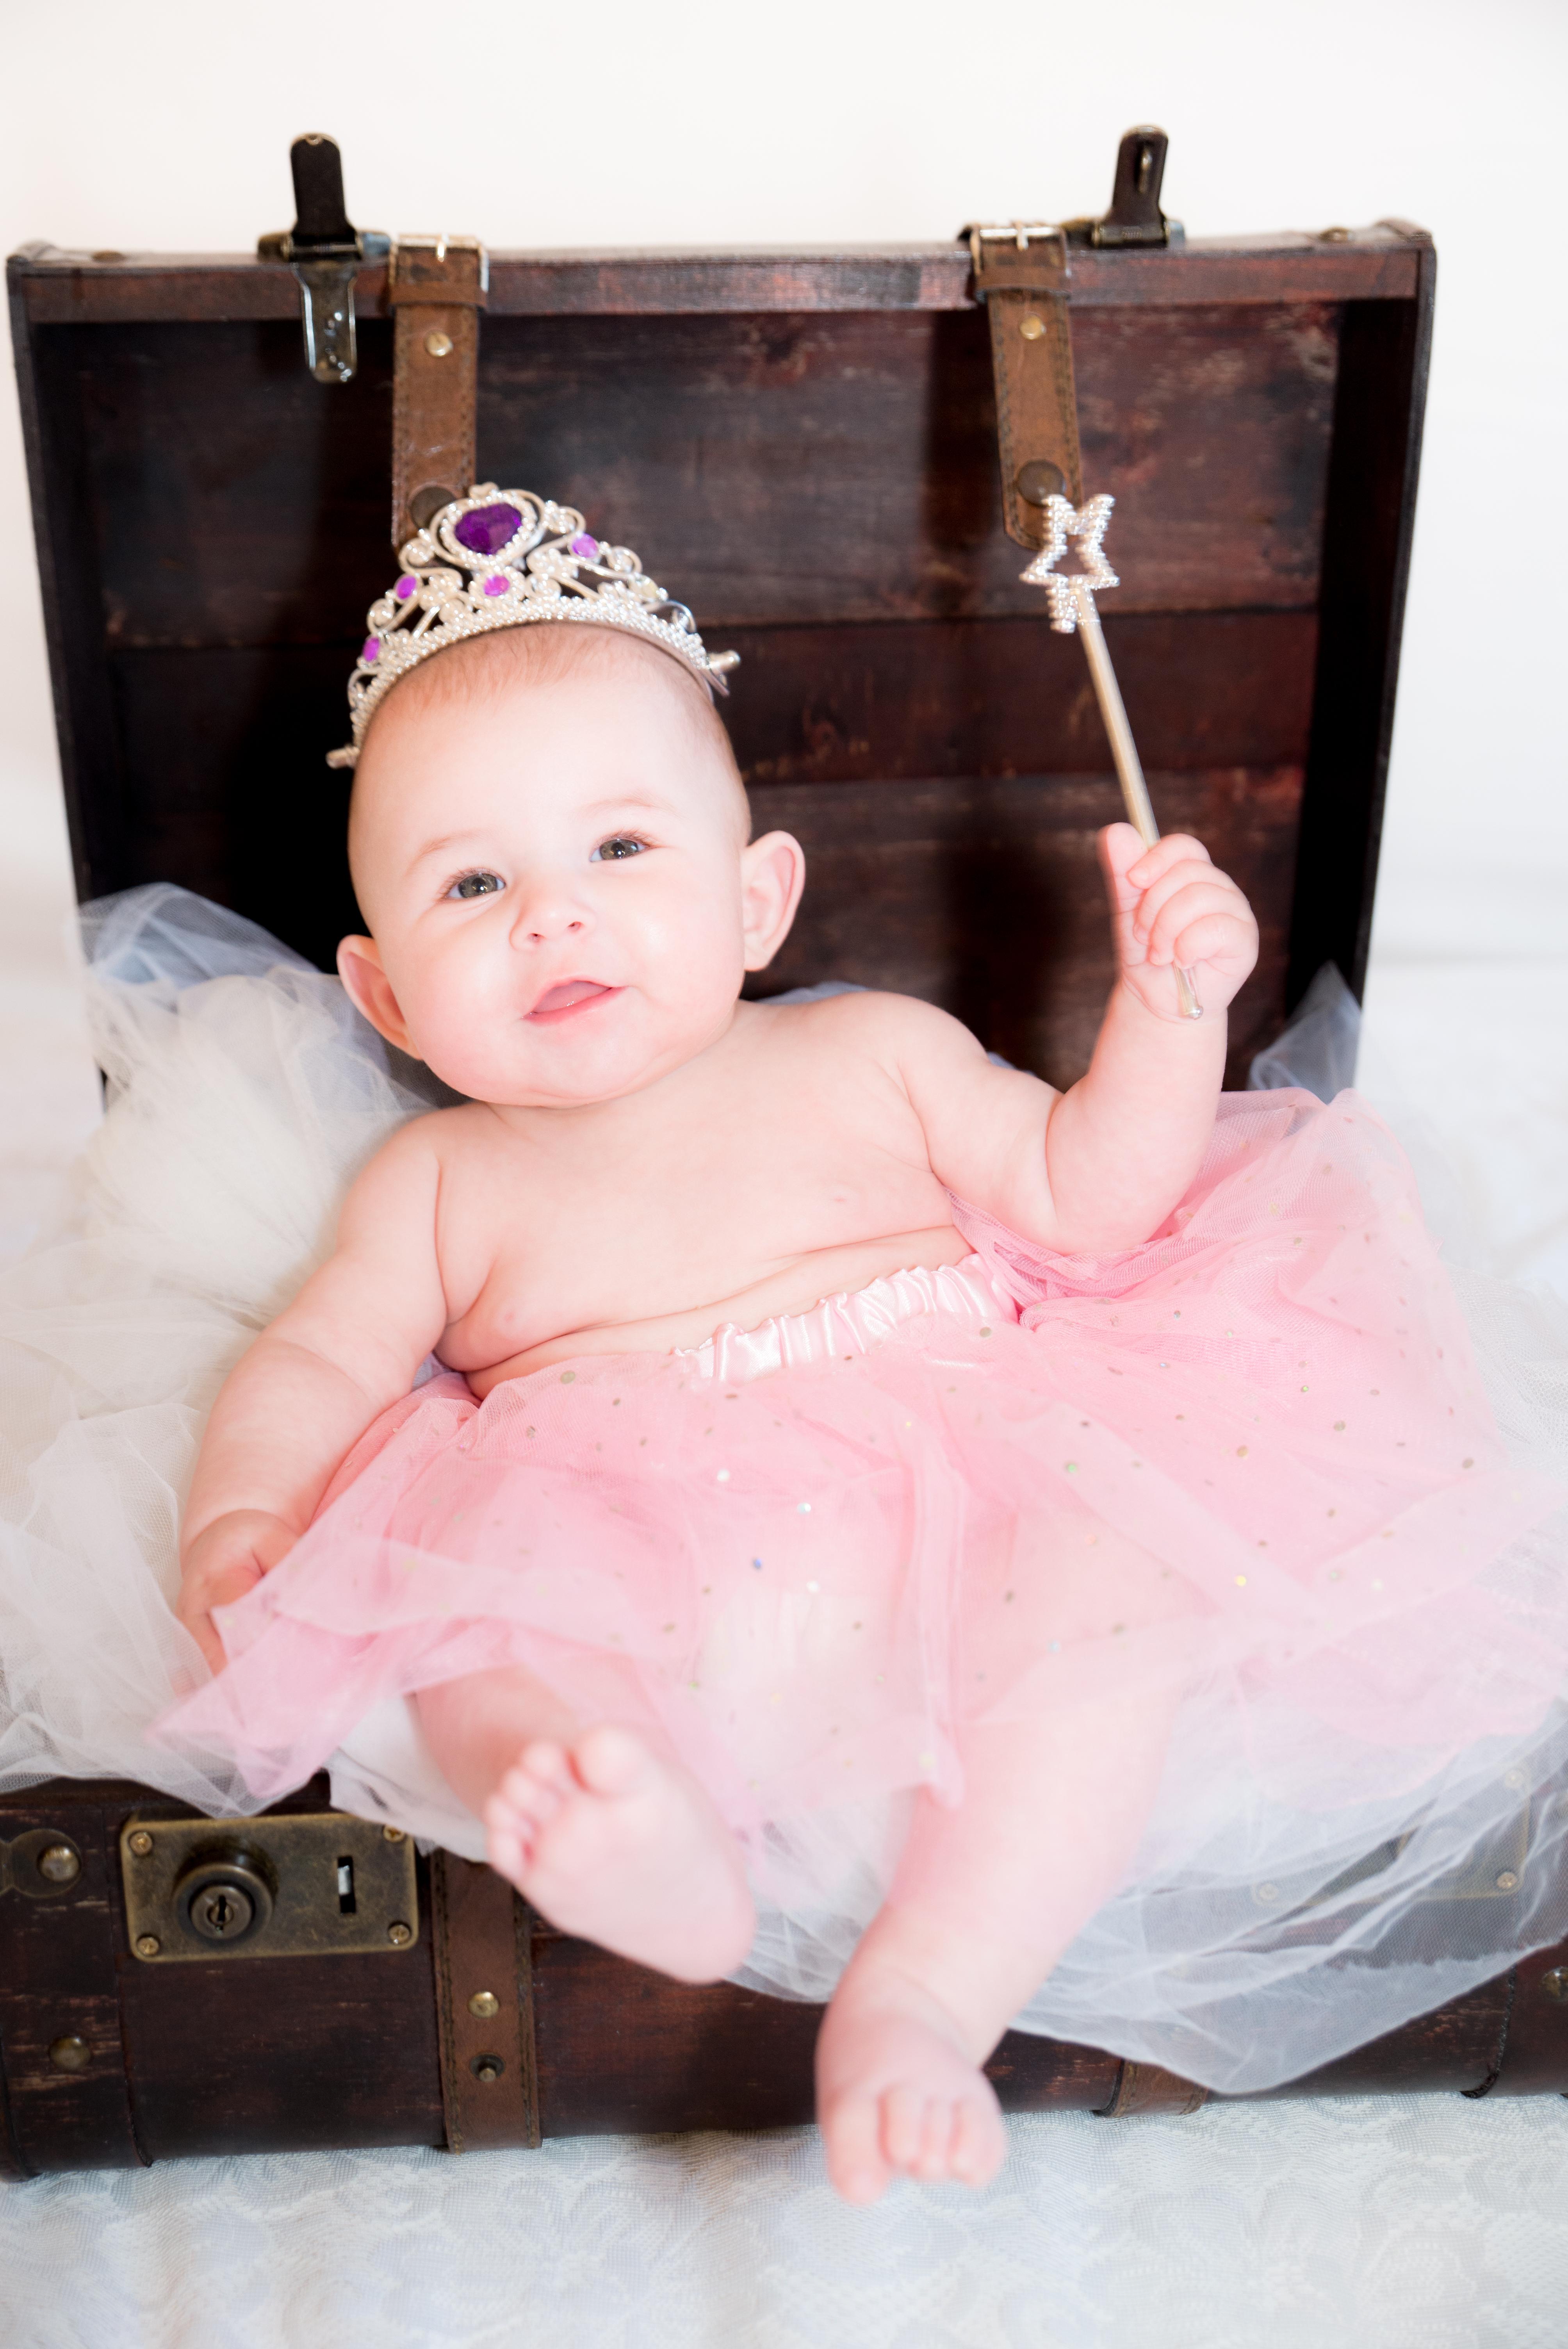 séance photo bébé 6 mois studio